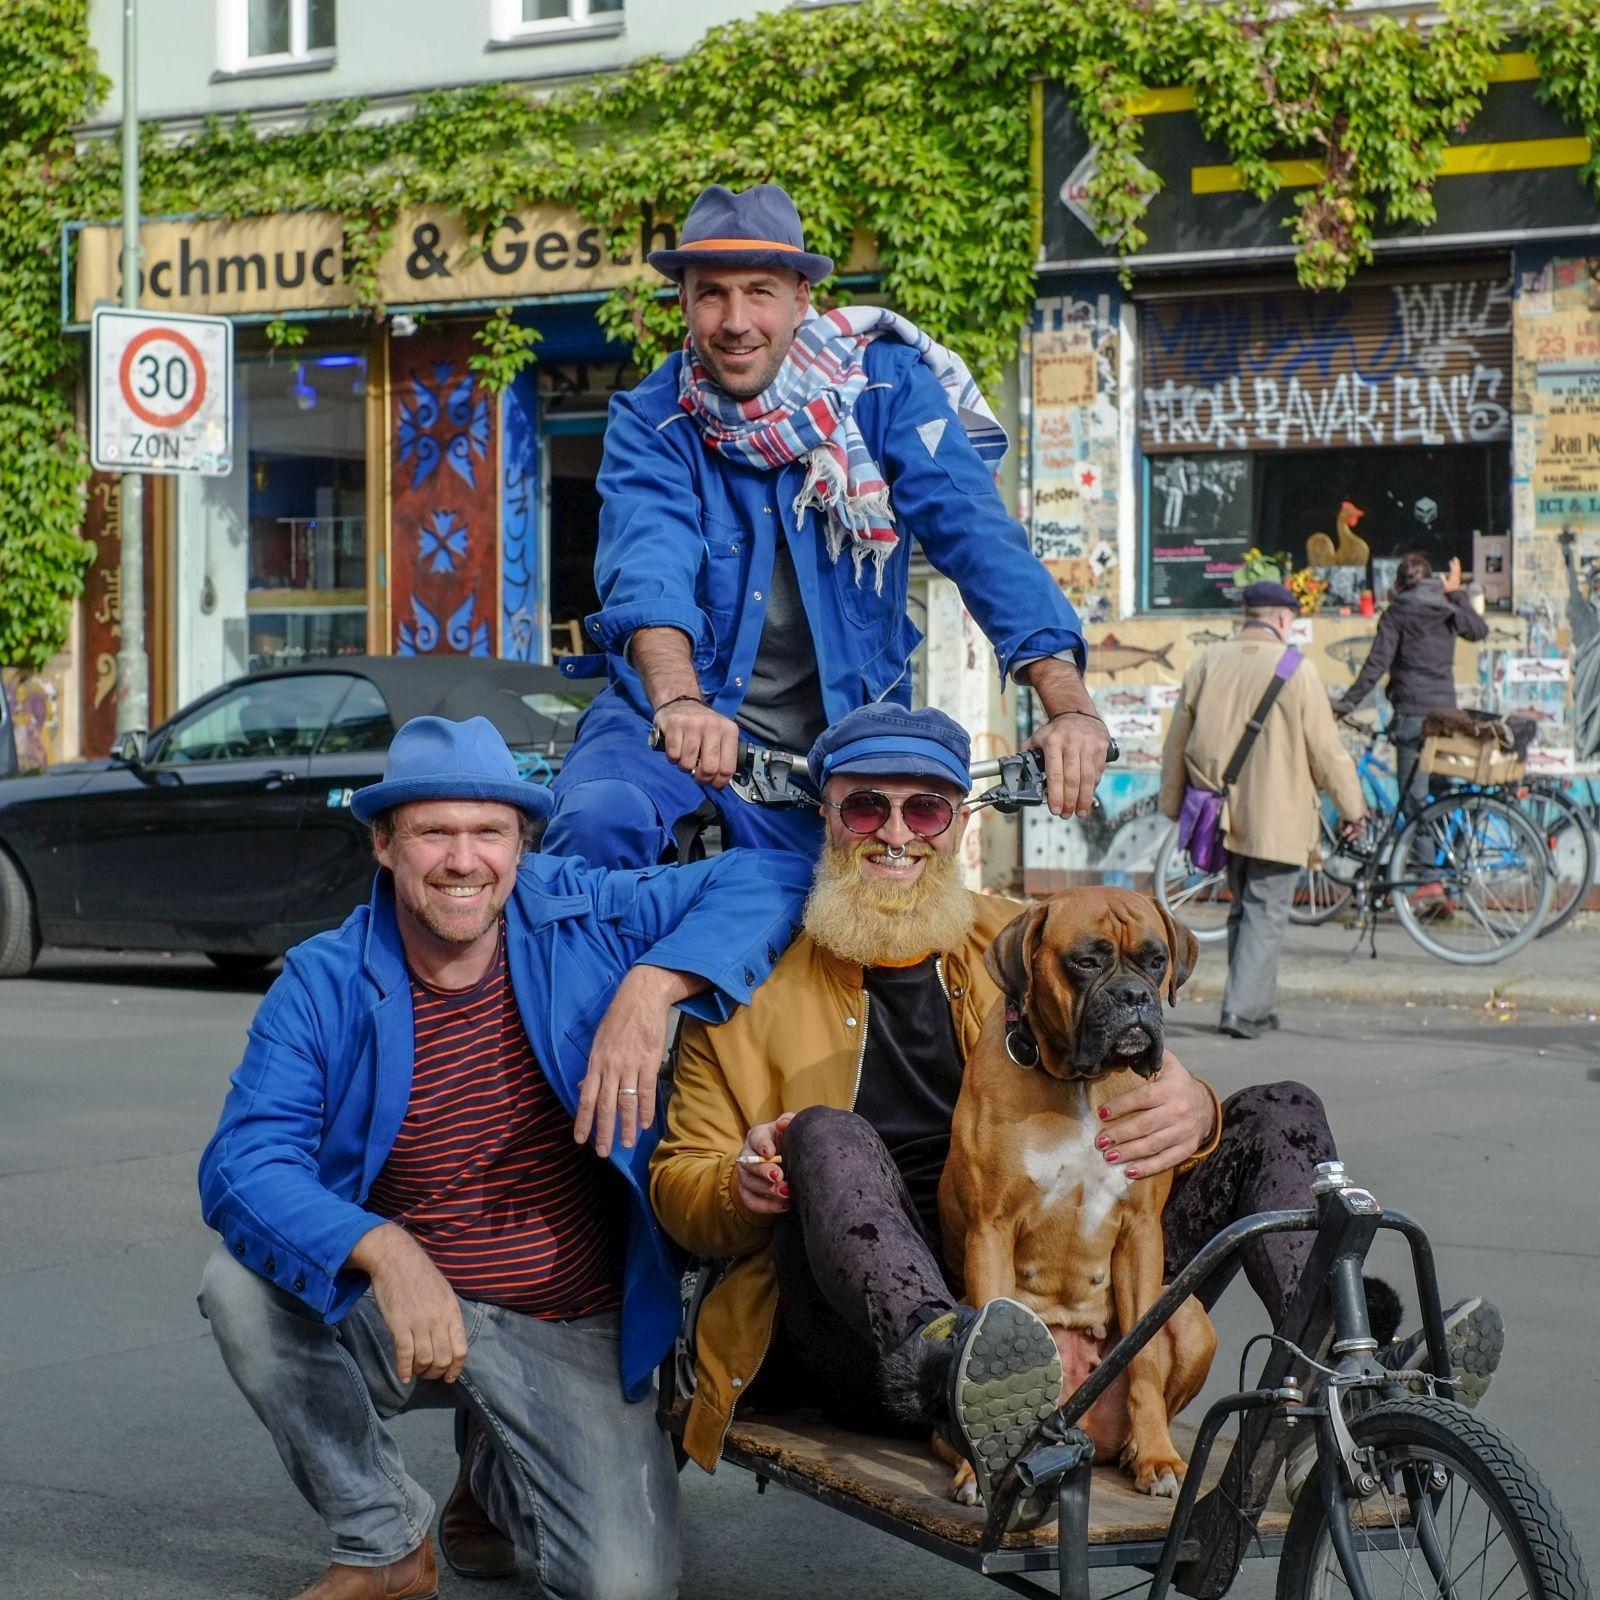 Drei Männer mit der ReHats Berlin Headwear der Kollektion Gewerkschaft